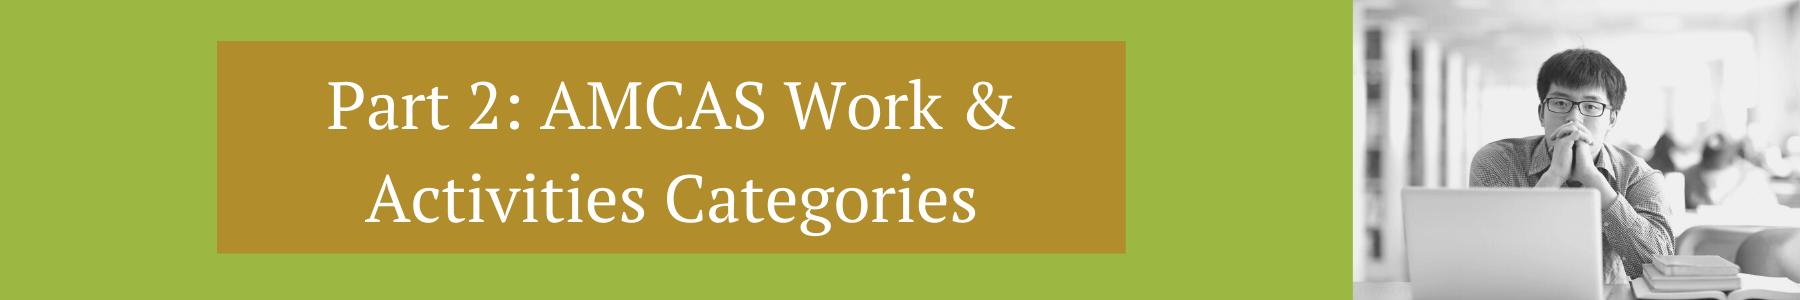 AMCAS Work Activities Categories